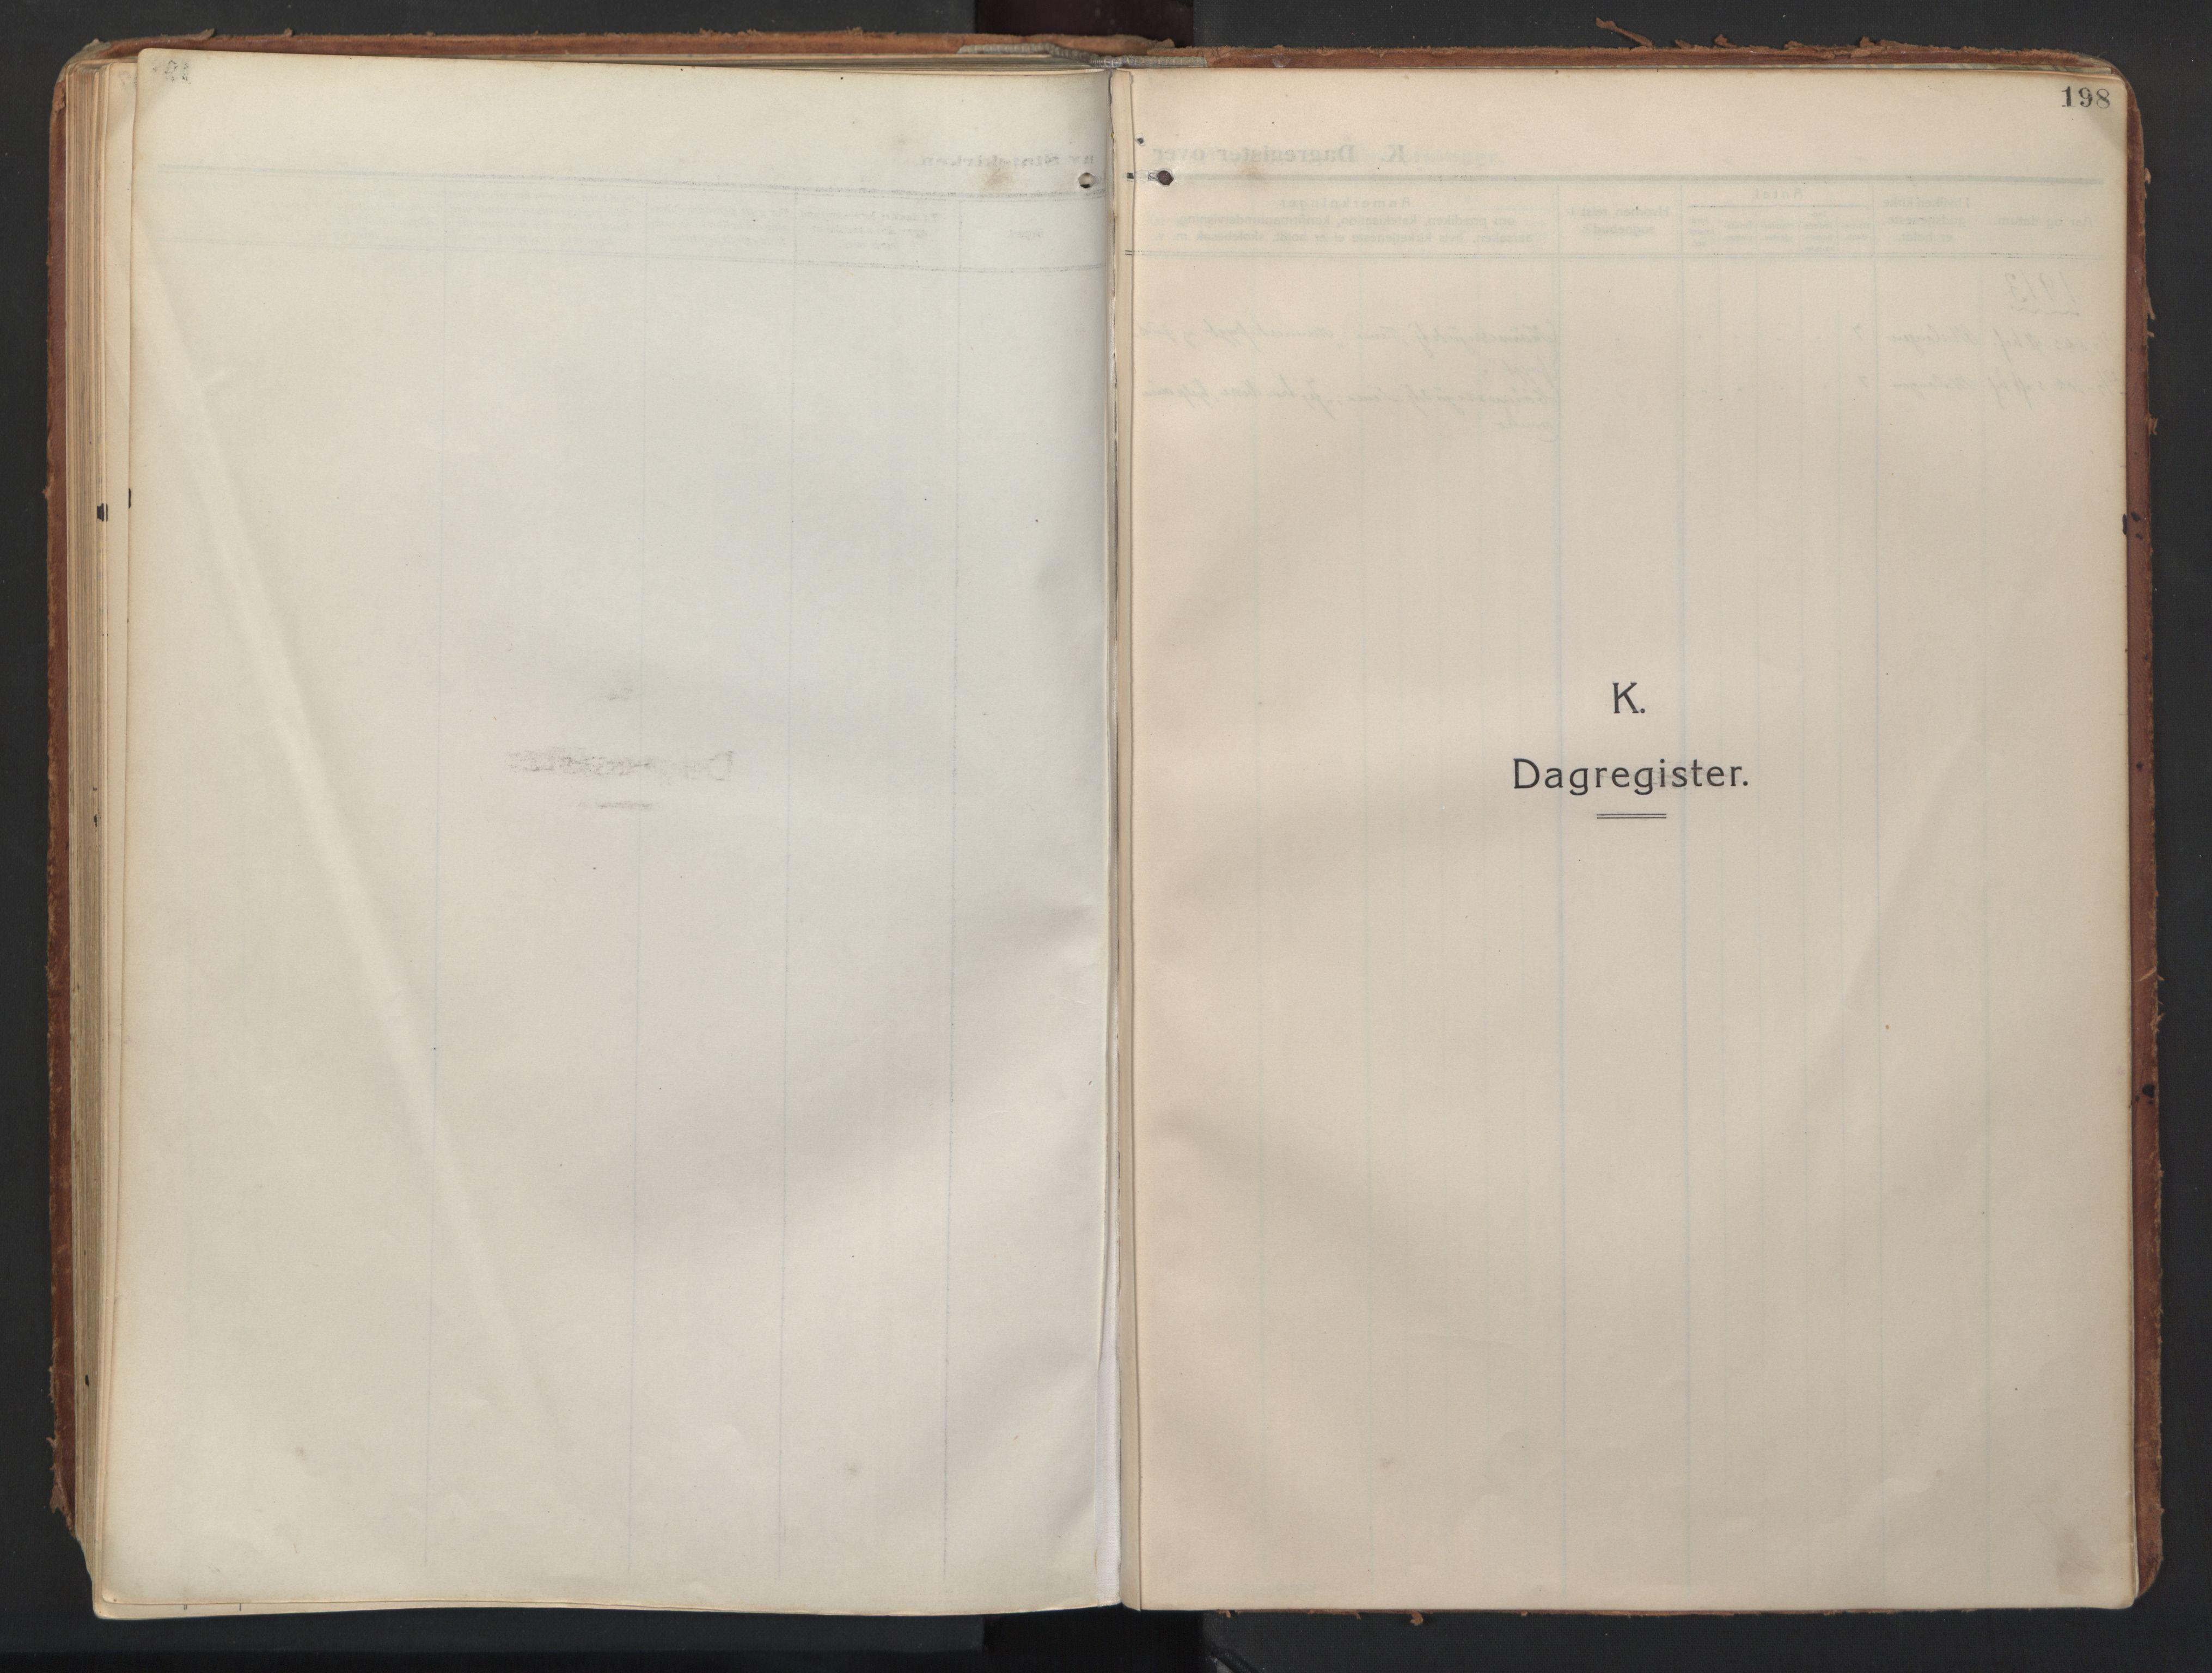 SATØ, Balsfjord sokneprestembete, Ministerialbok nr. 8, 1910-1927, s. 198